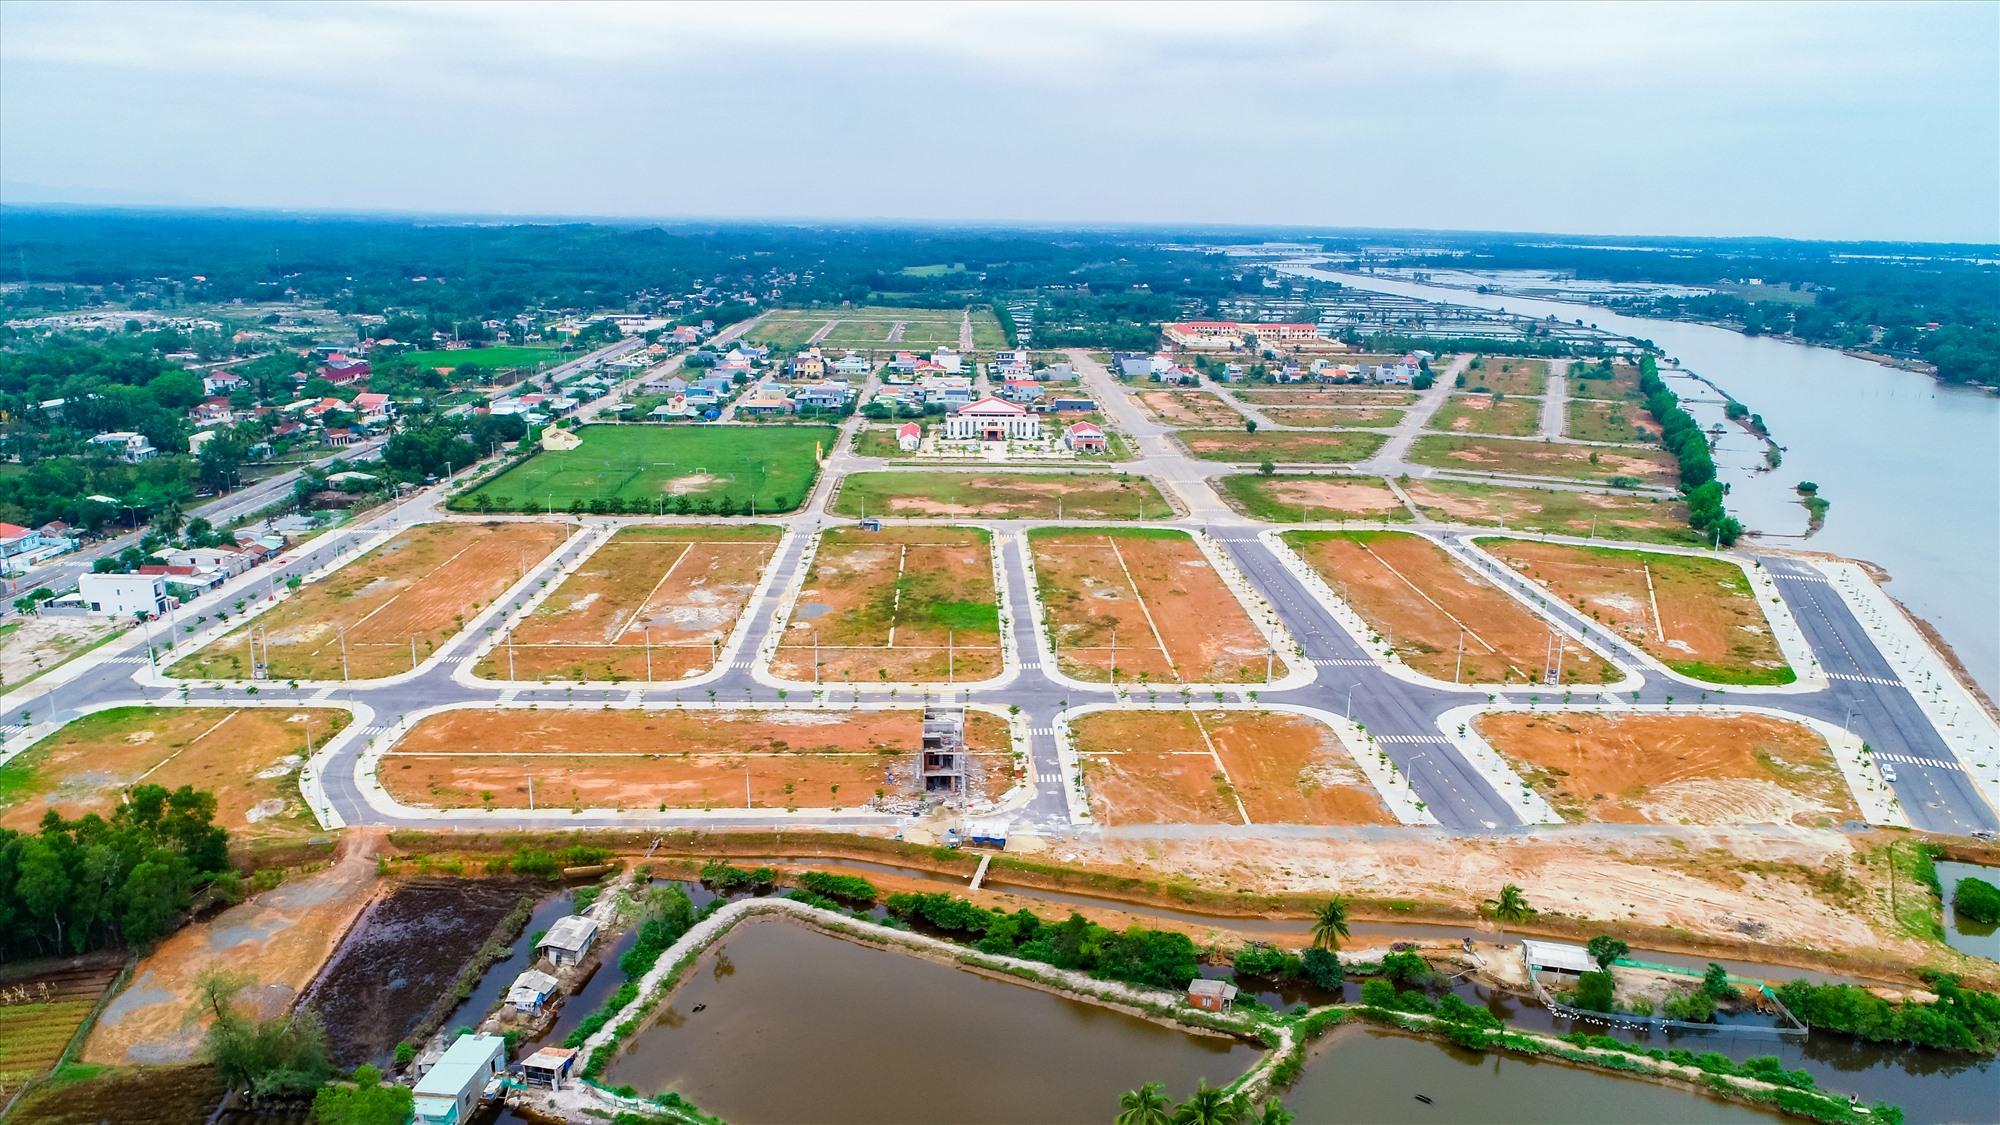 Công viên Phúc Lộc Thọ đang được thi công để đưa vào sử dụng.